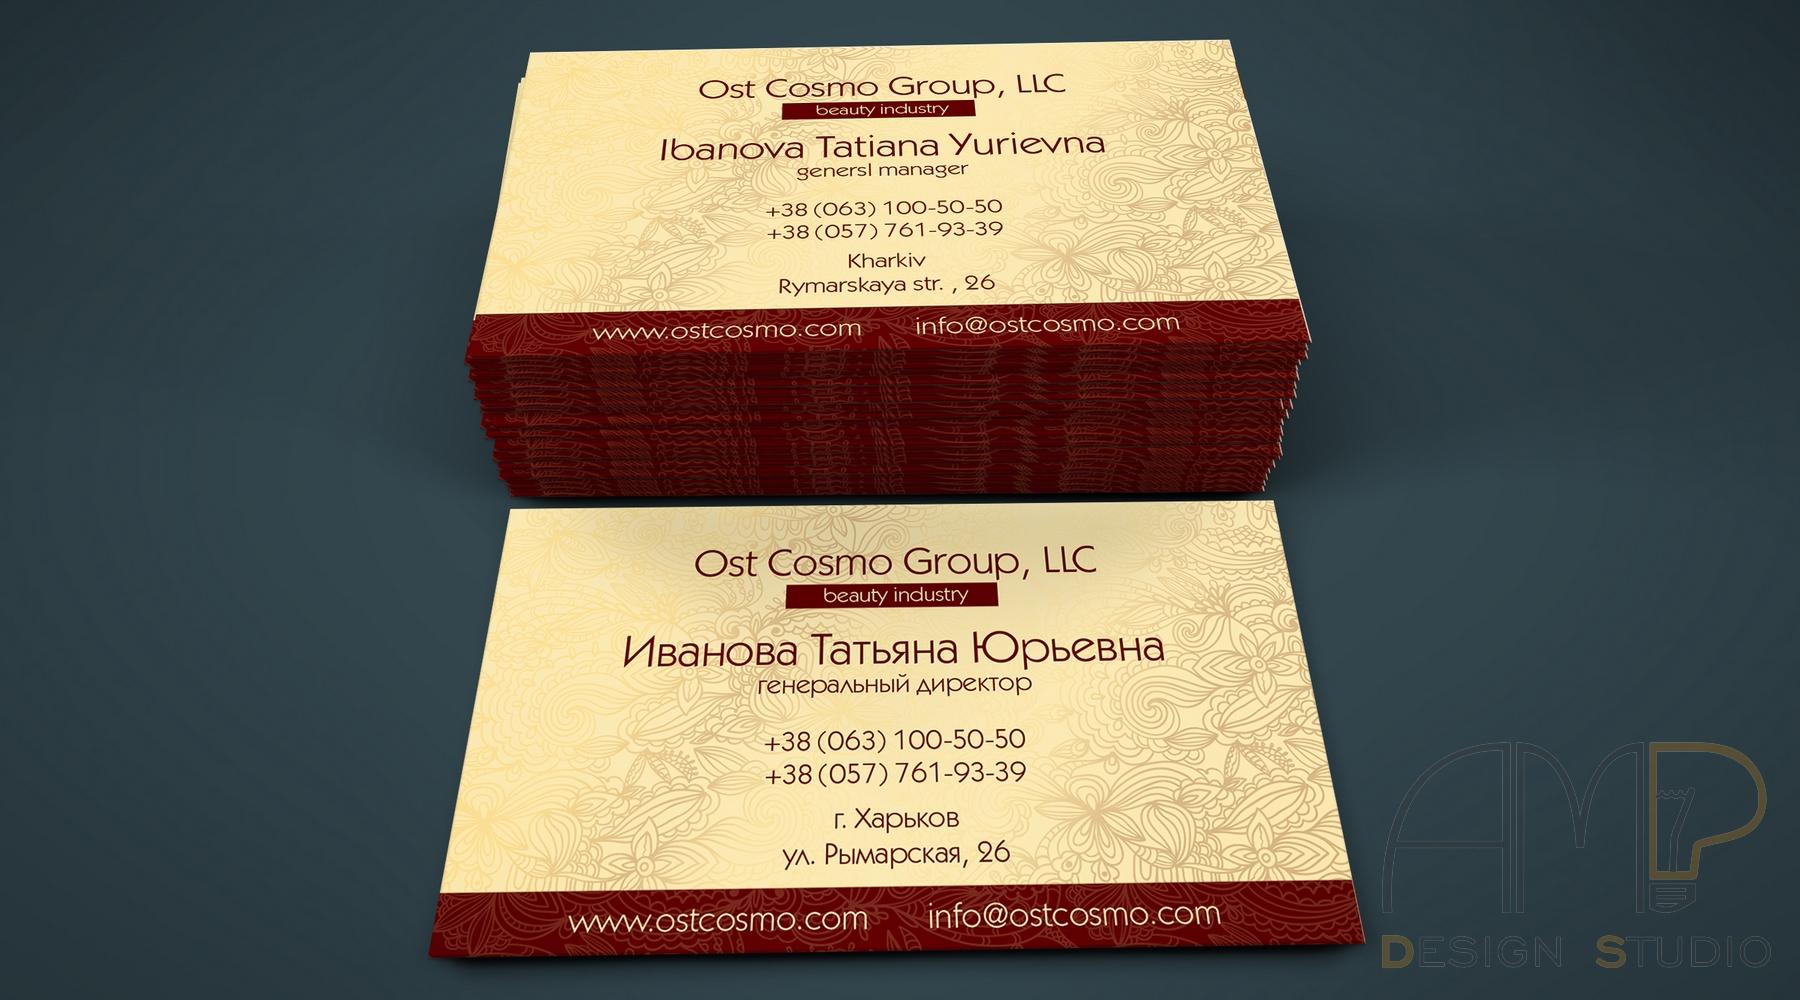 ostcosmogroup-vizitka-6